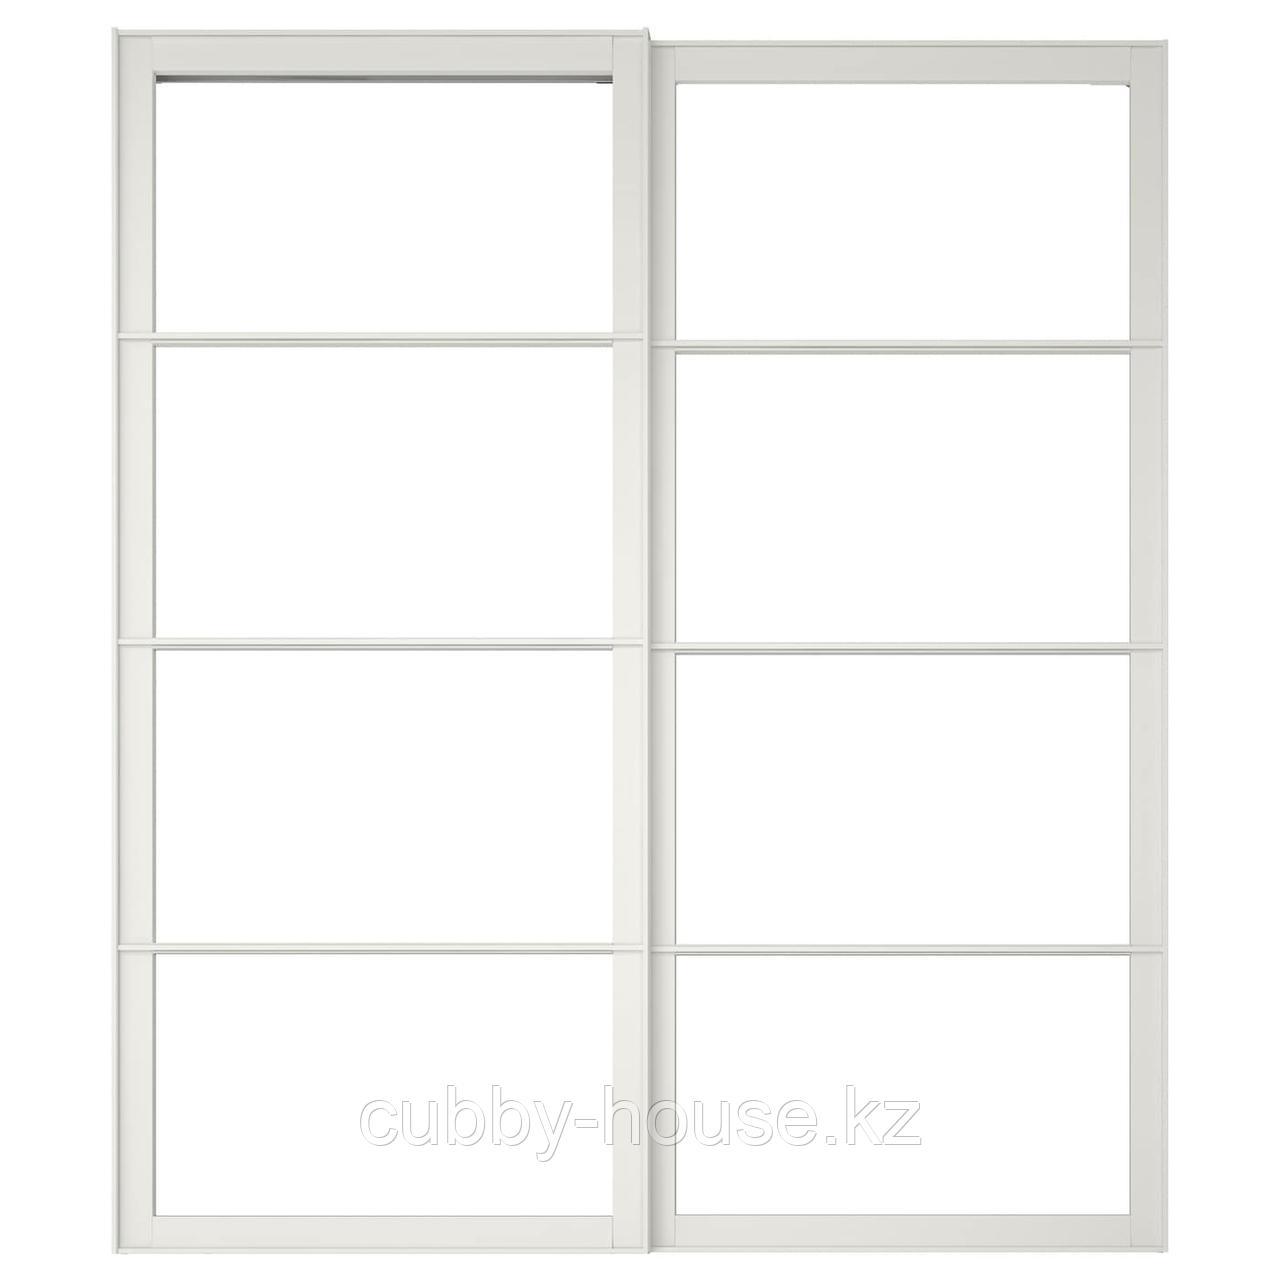 ПАКС Рама д/раздв дврц, с направл, 2 шт, белый, 200x236 см